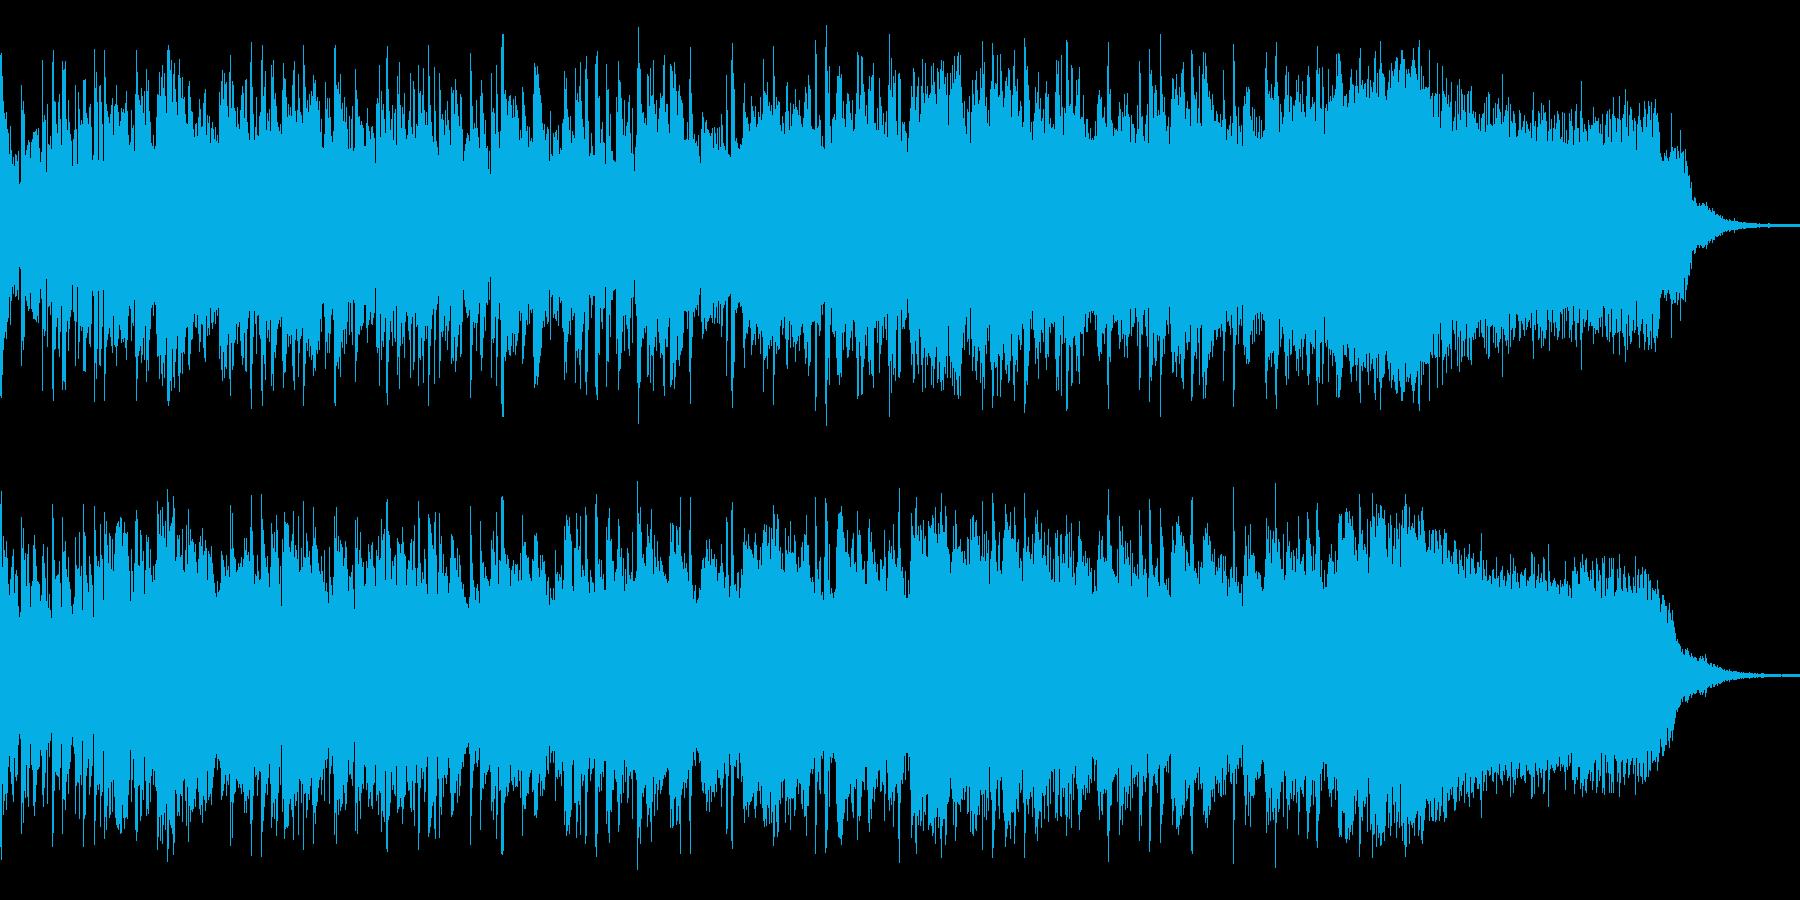 良くある明るい元気な感じの曲ですが、エ…の再生済みの波形